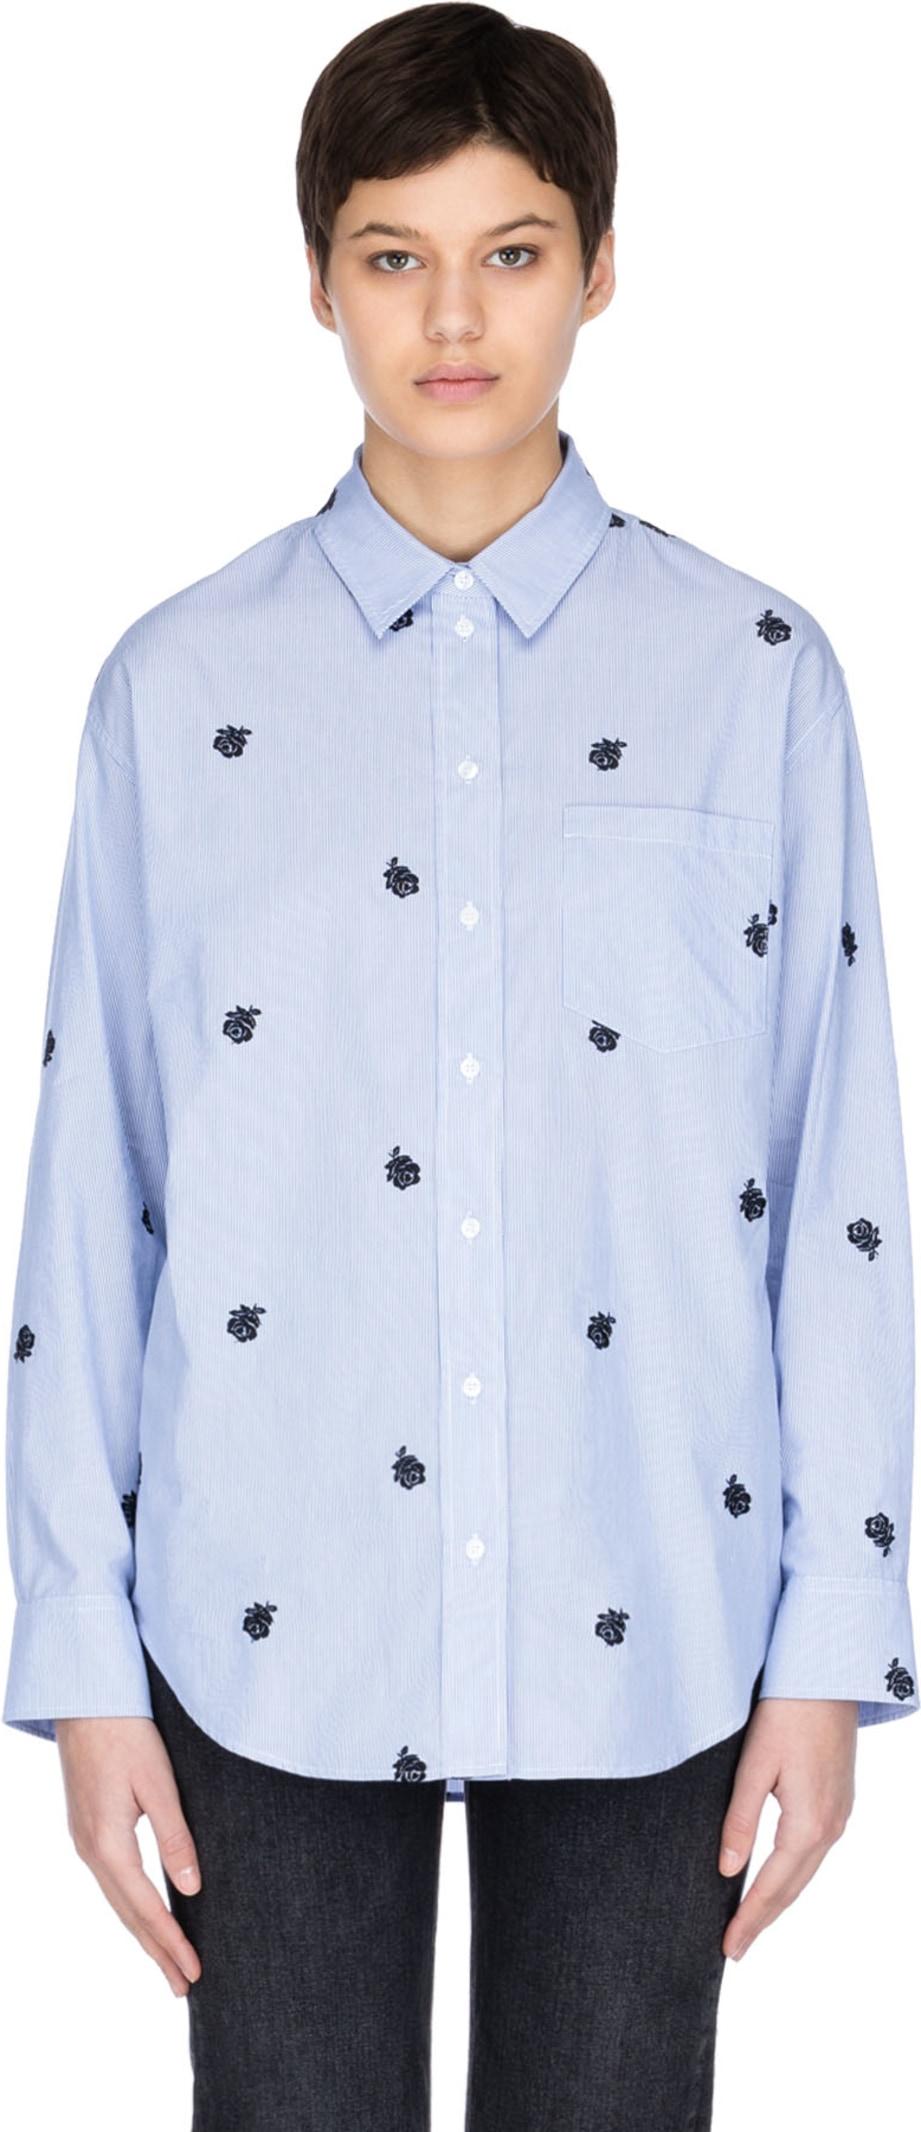 9839731d Kenzo: Striped 'Roses' Shirt - Sky Blue | influenceu